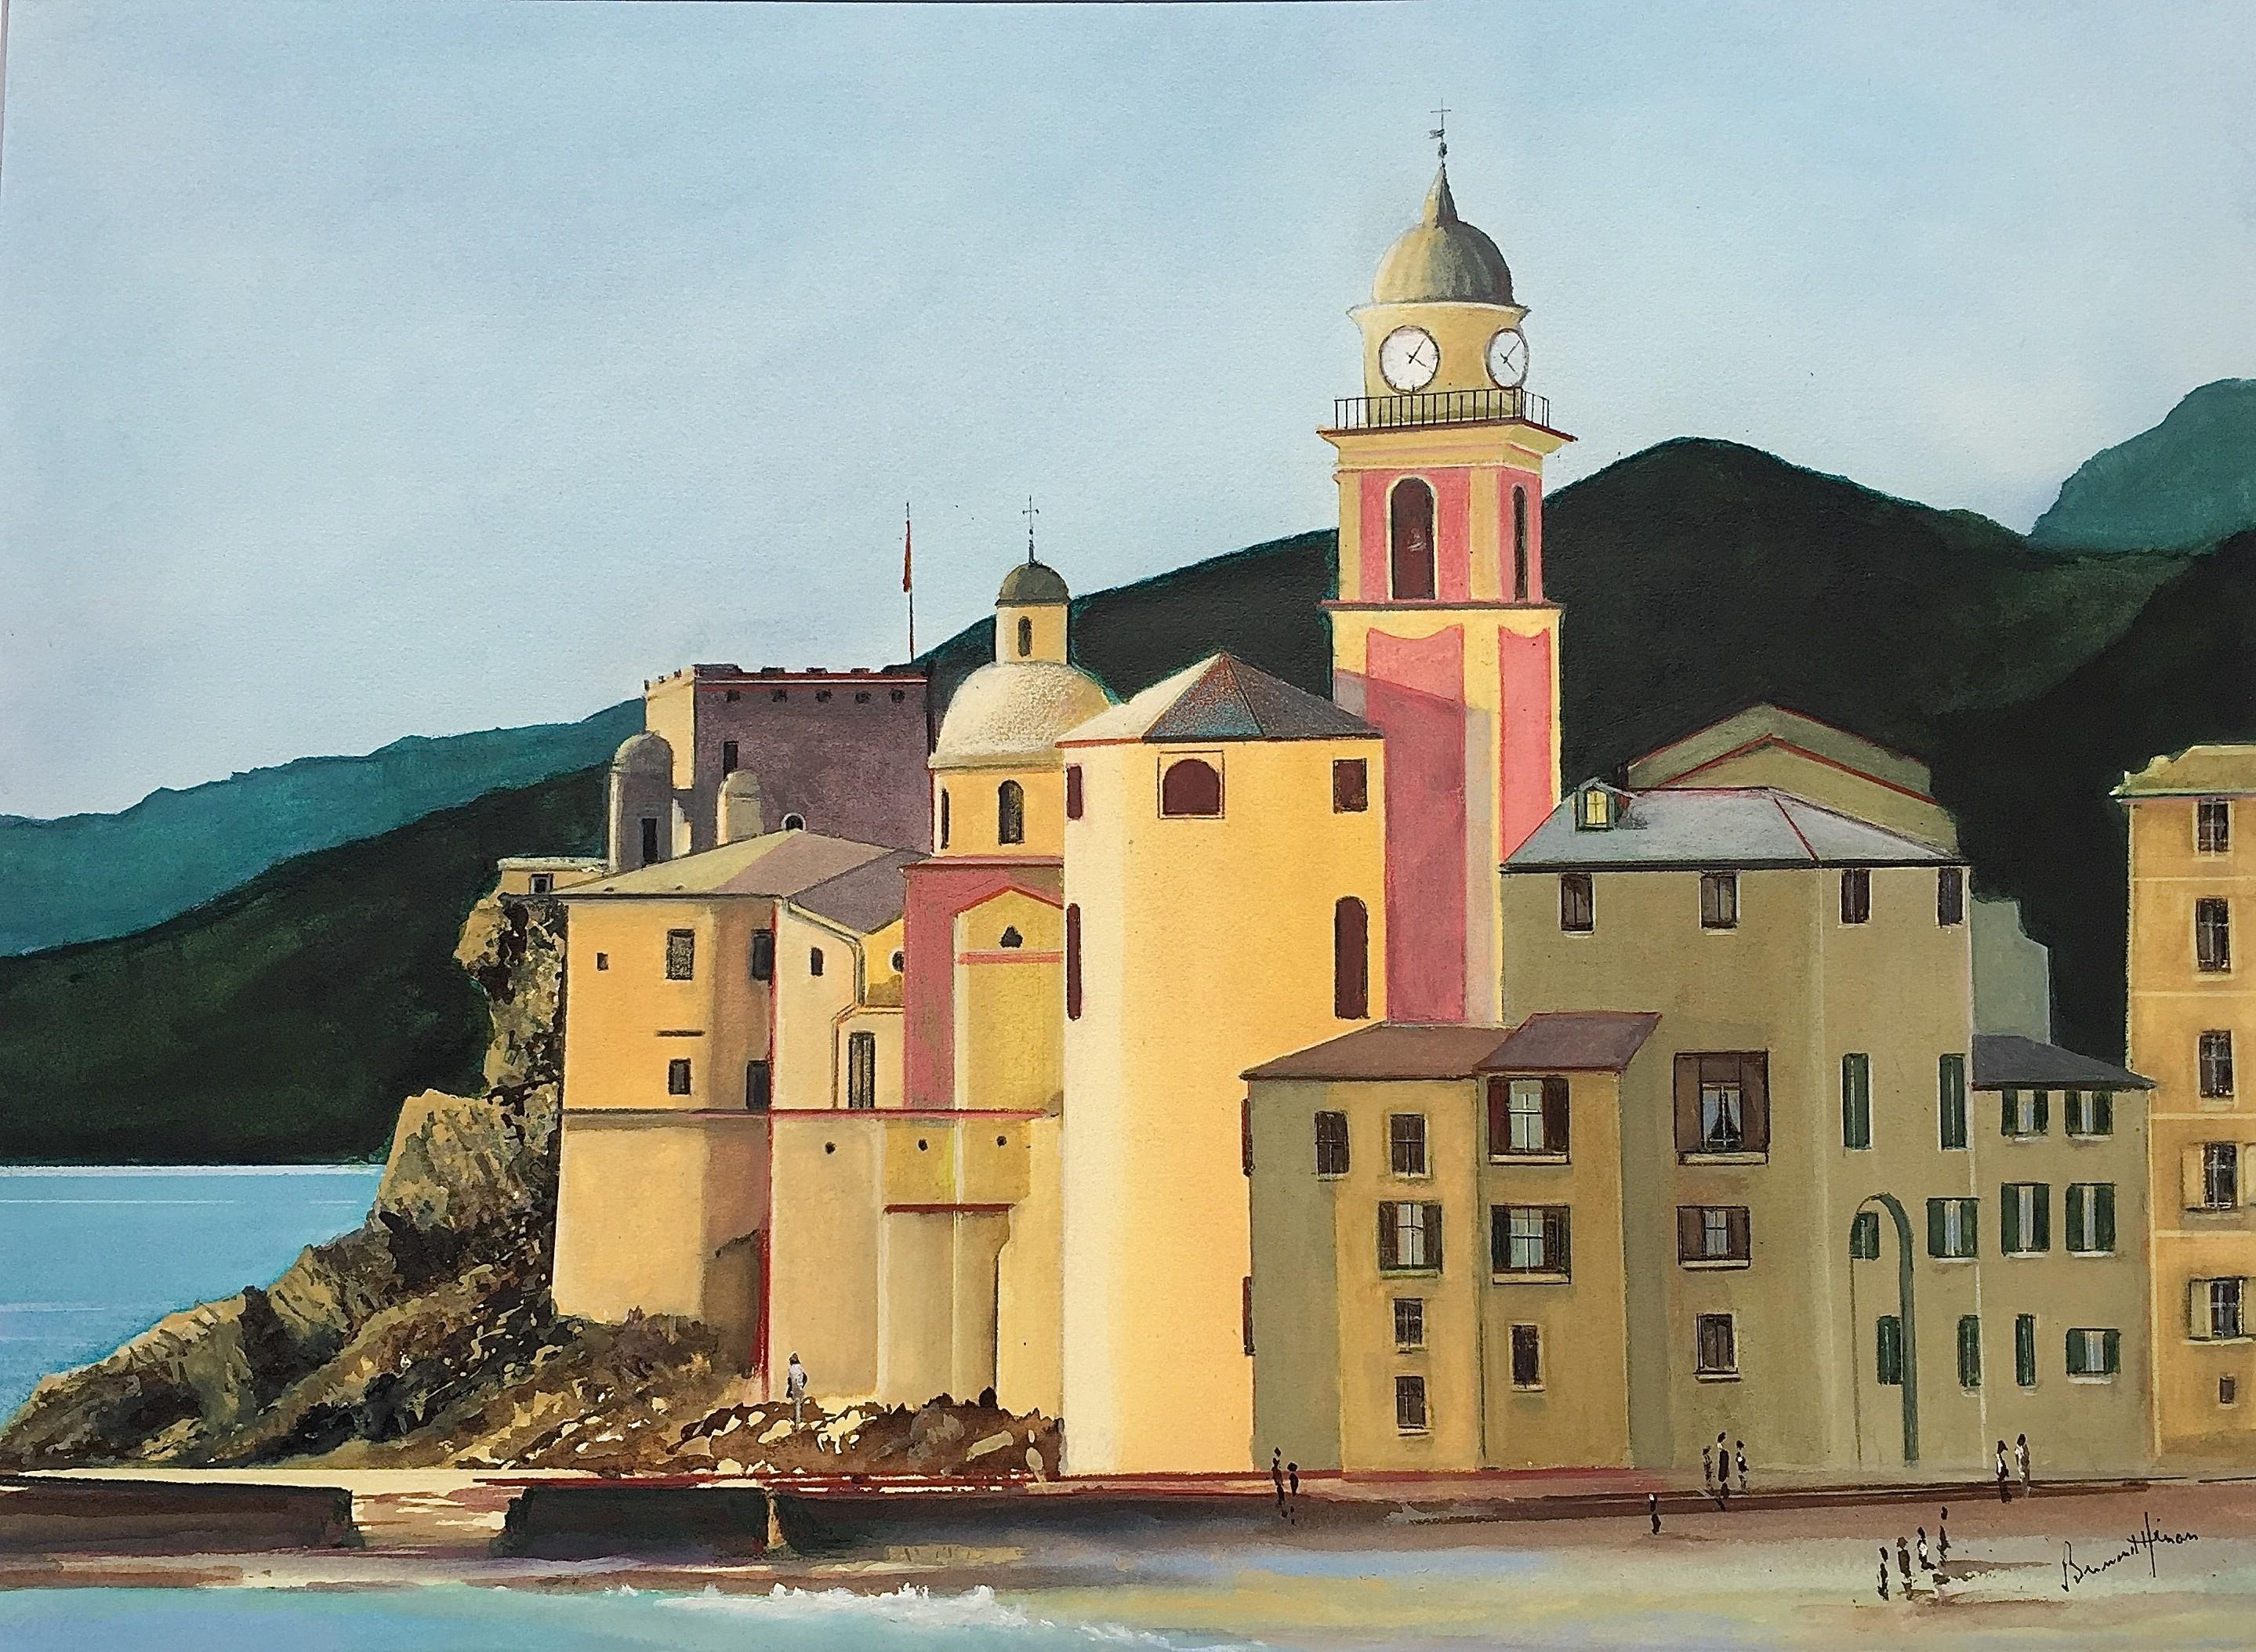 Italie - La Basilique de Camogli